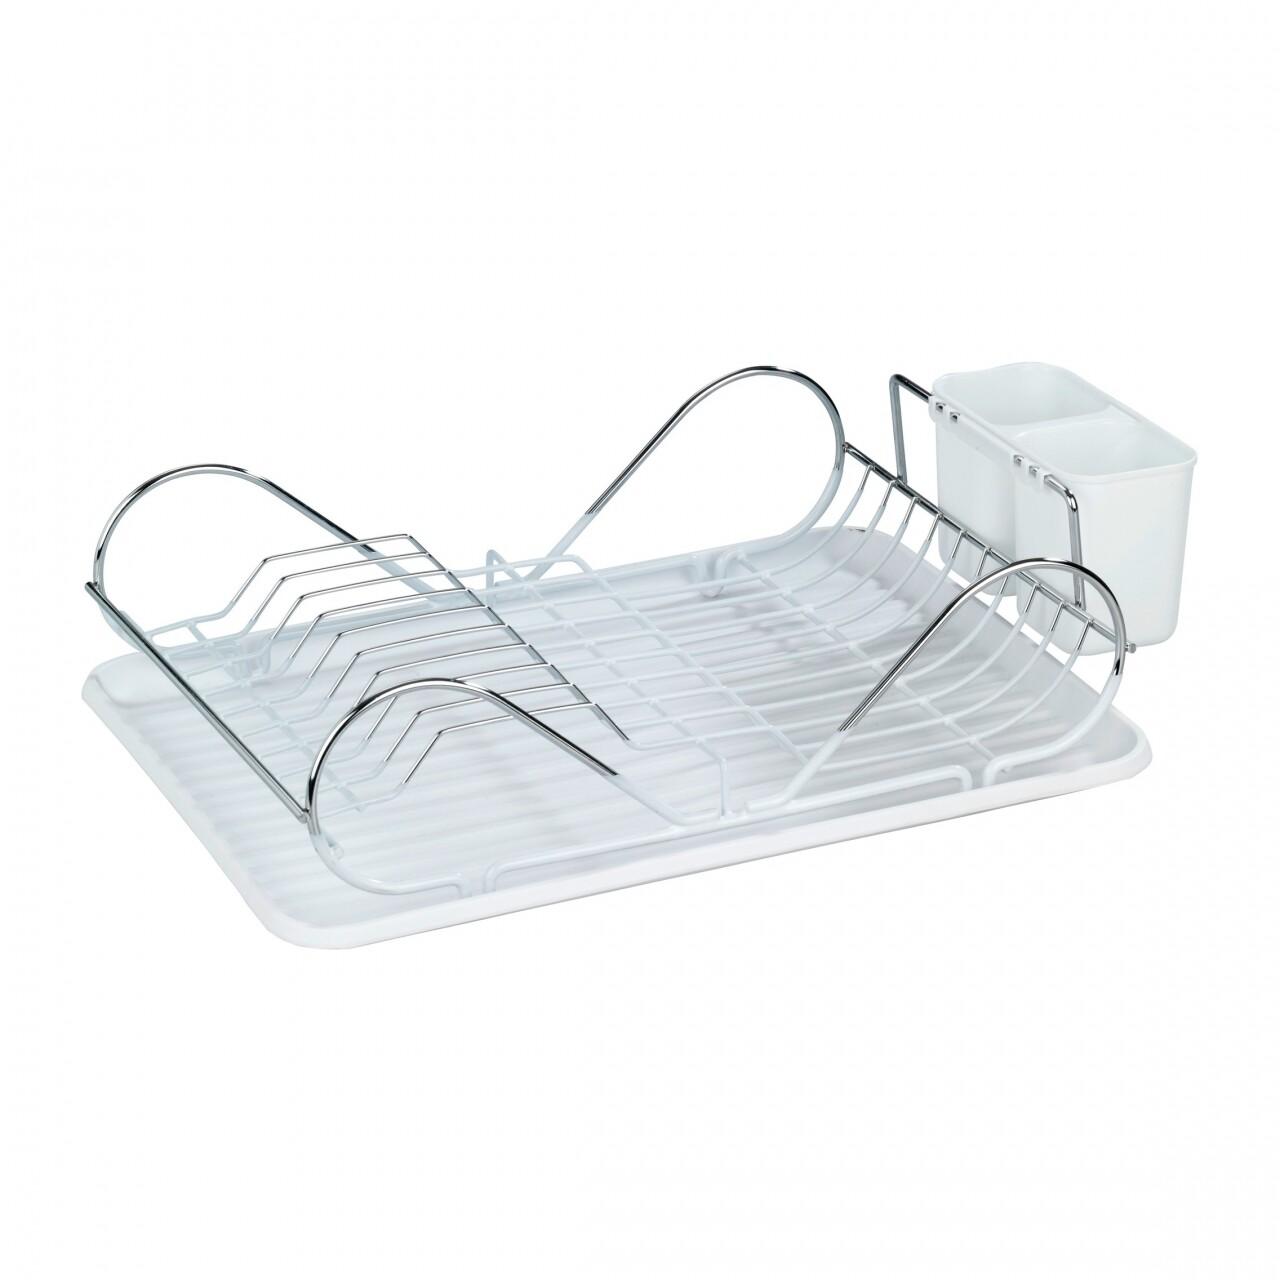 Scurgator de vase cu suport pentru tacamuri Clean, Wenko, 12.5 x 32 x 47 cm, plastic/inox, alb/argintiu